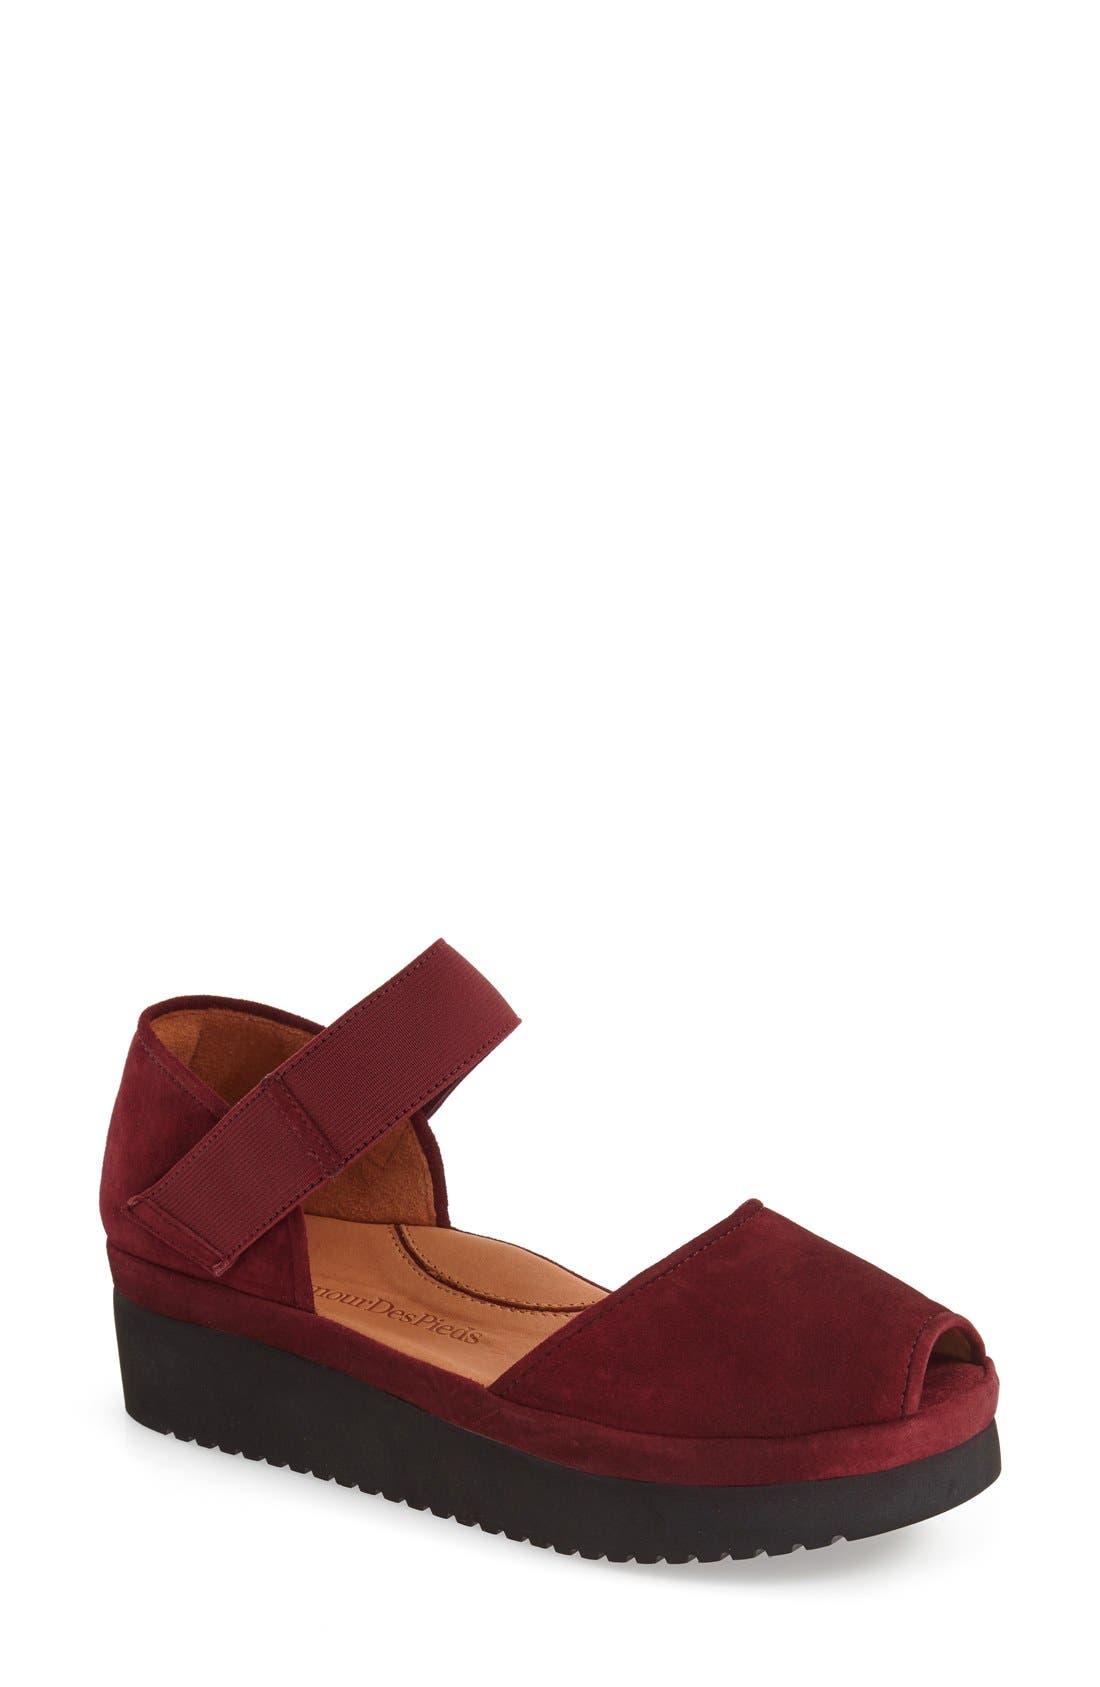 L'AMOUR DES PIEDS, 'Amadour' Platform Sandal, Main thumbnail 1, color, MULBERRY SUEDE LEATHER